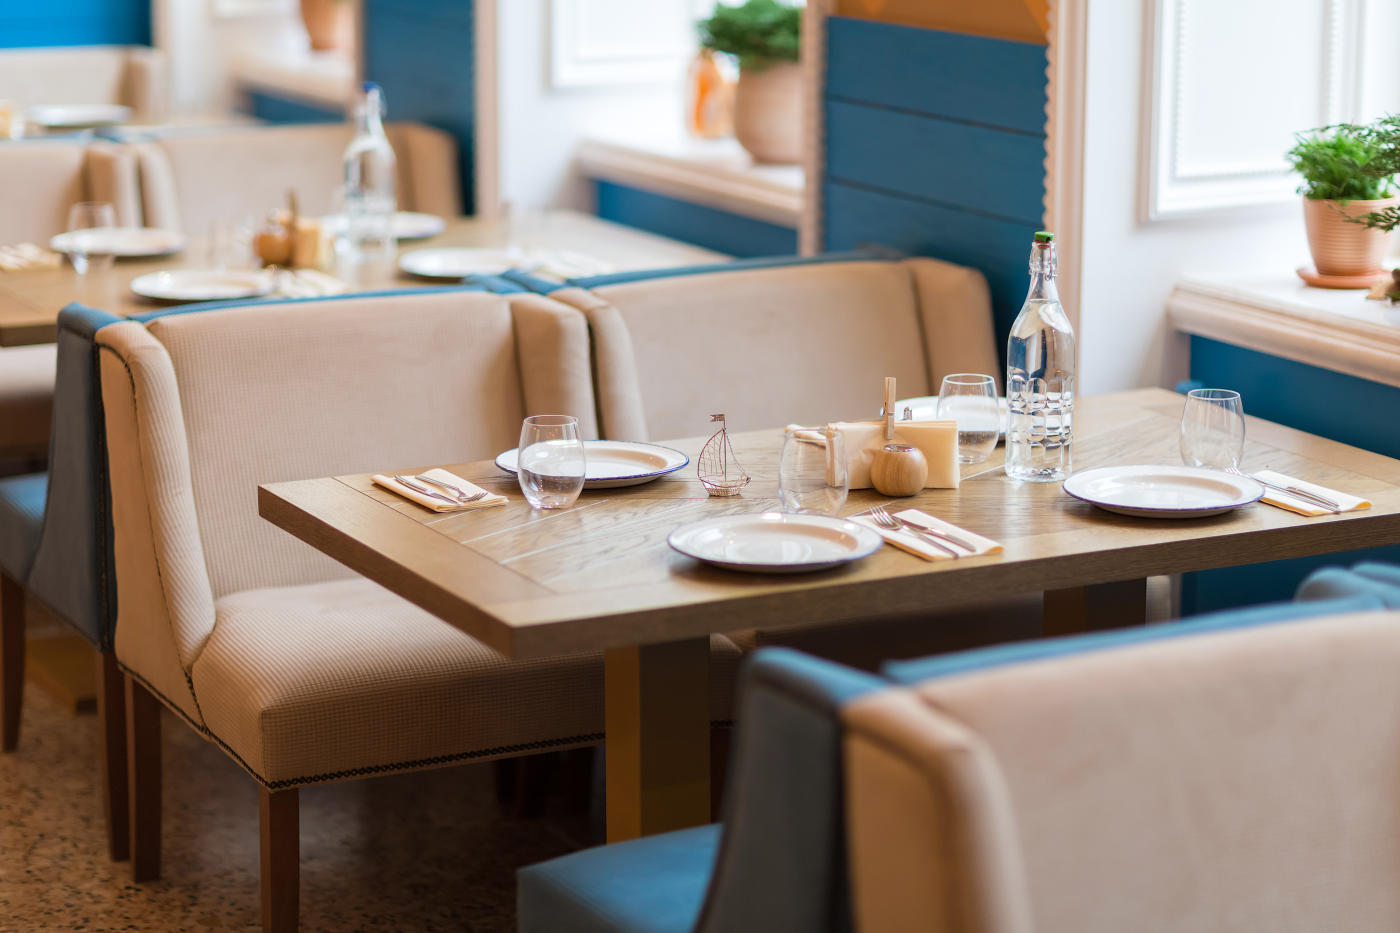 Крымский Ресторан Крымская кухня на Пятницкой (Добрынинская) фото 1